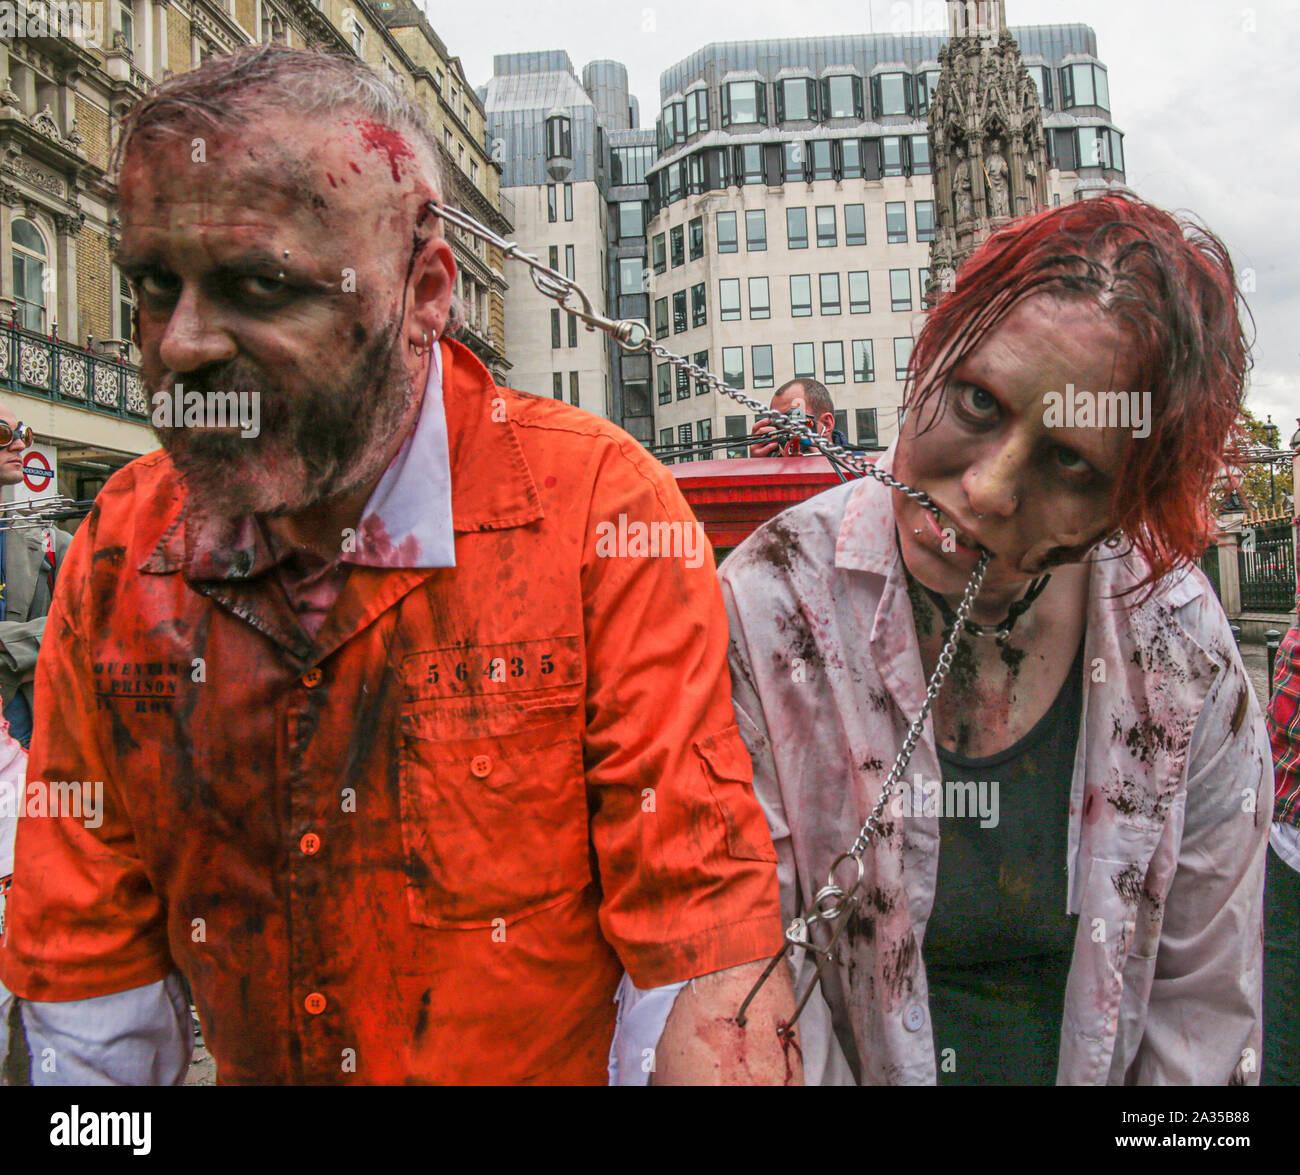 Londres, Reino Unido. El 05 de octubre de 2019. Mientras que la mayoría de los participantes de este año para el día Zombie en Londres ,elegir para vestir y utilizar maquillaje para lucir como scary posible ,este grupo decide ir por el impacto permitiéndose ser tirado por ganchos fijados a sus espaldas por las calles de Londres . Pablo Quezada-Neiman/Alamy Live News Foto de stock